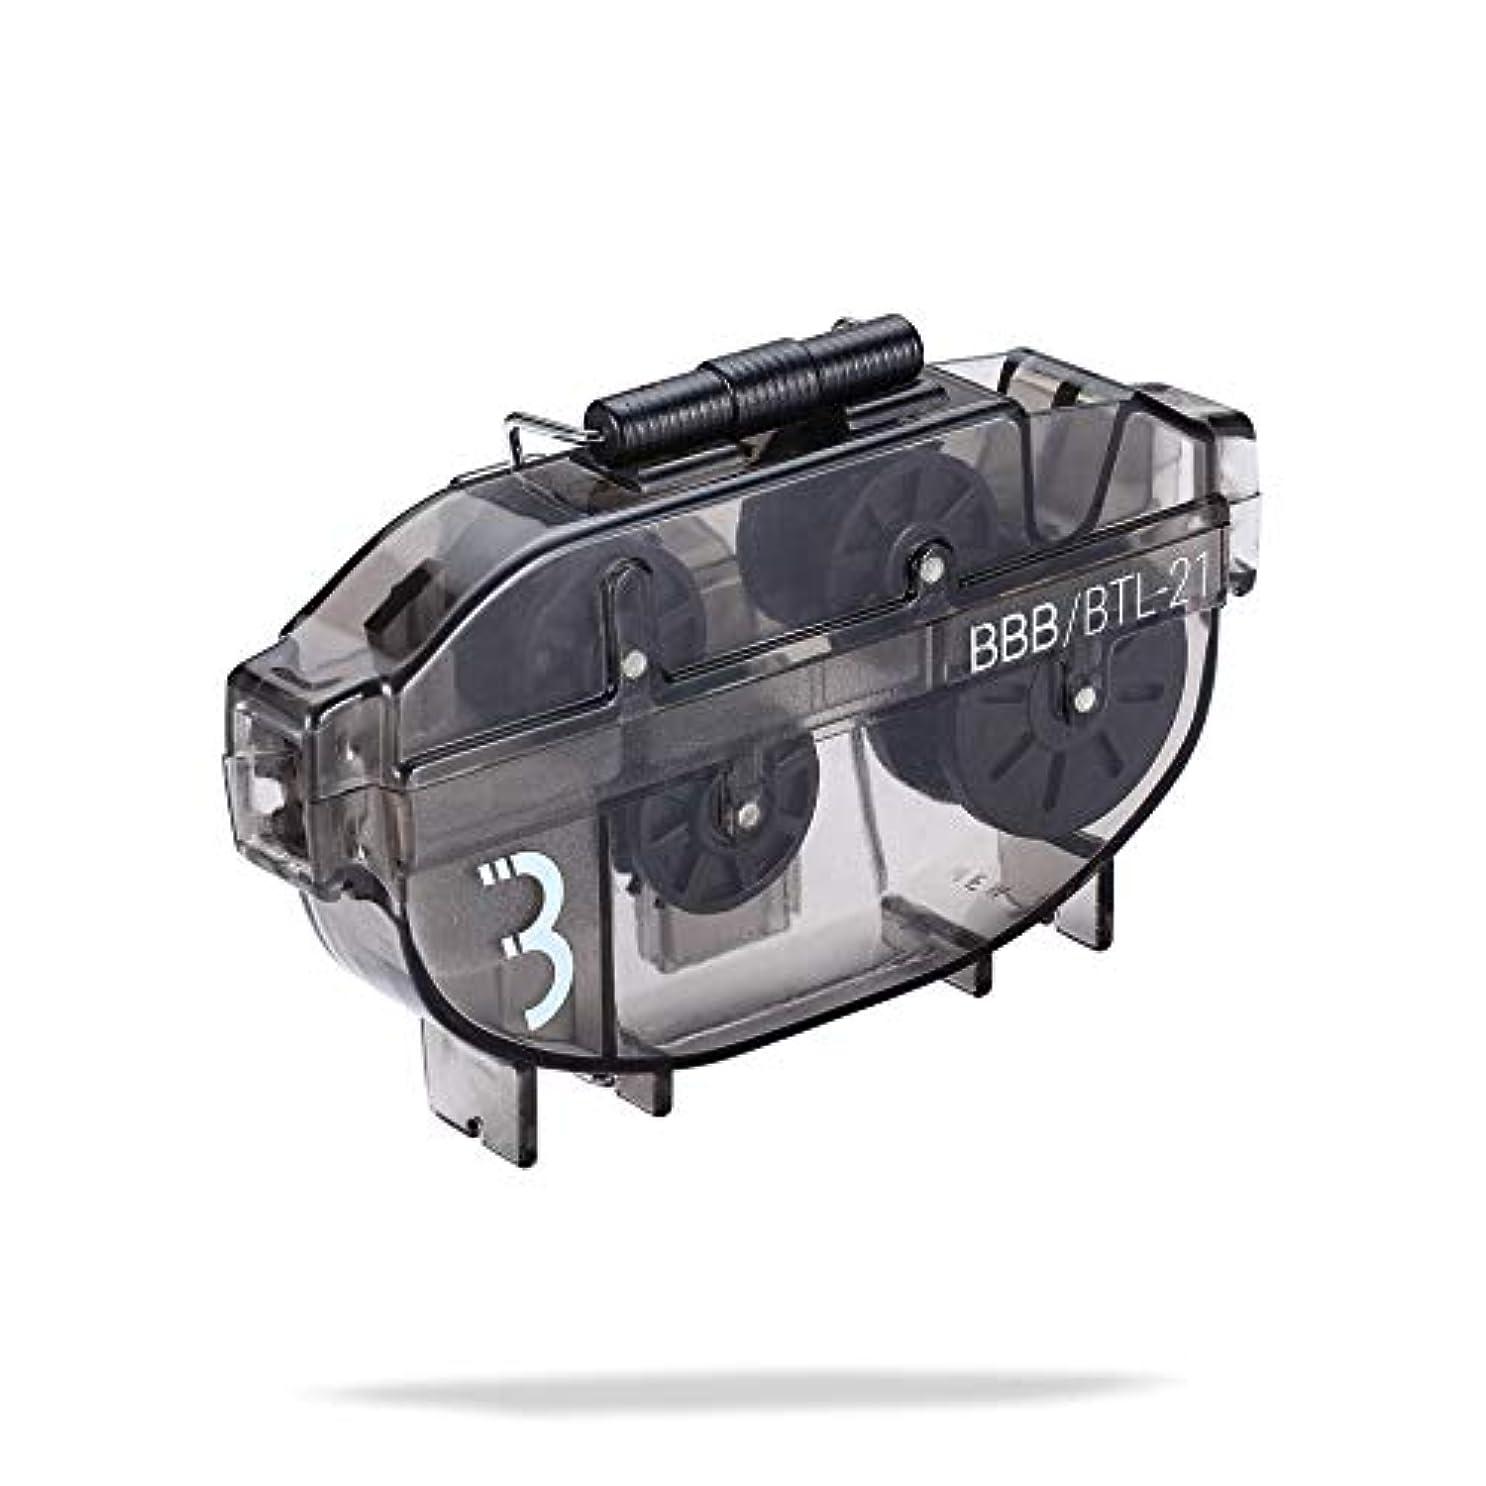 原子炉プレゼント口頭BBB 自転車メンテナンス チェーンクリーナー ブライト&フレッシュ BTL-21  102194